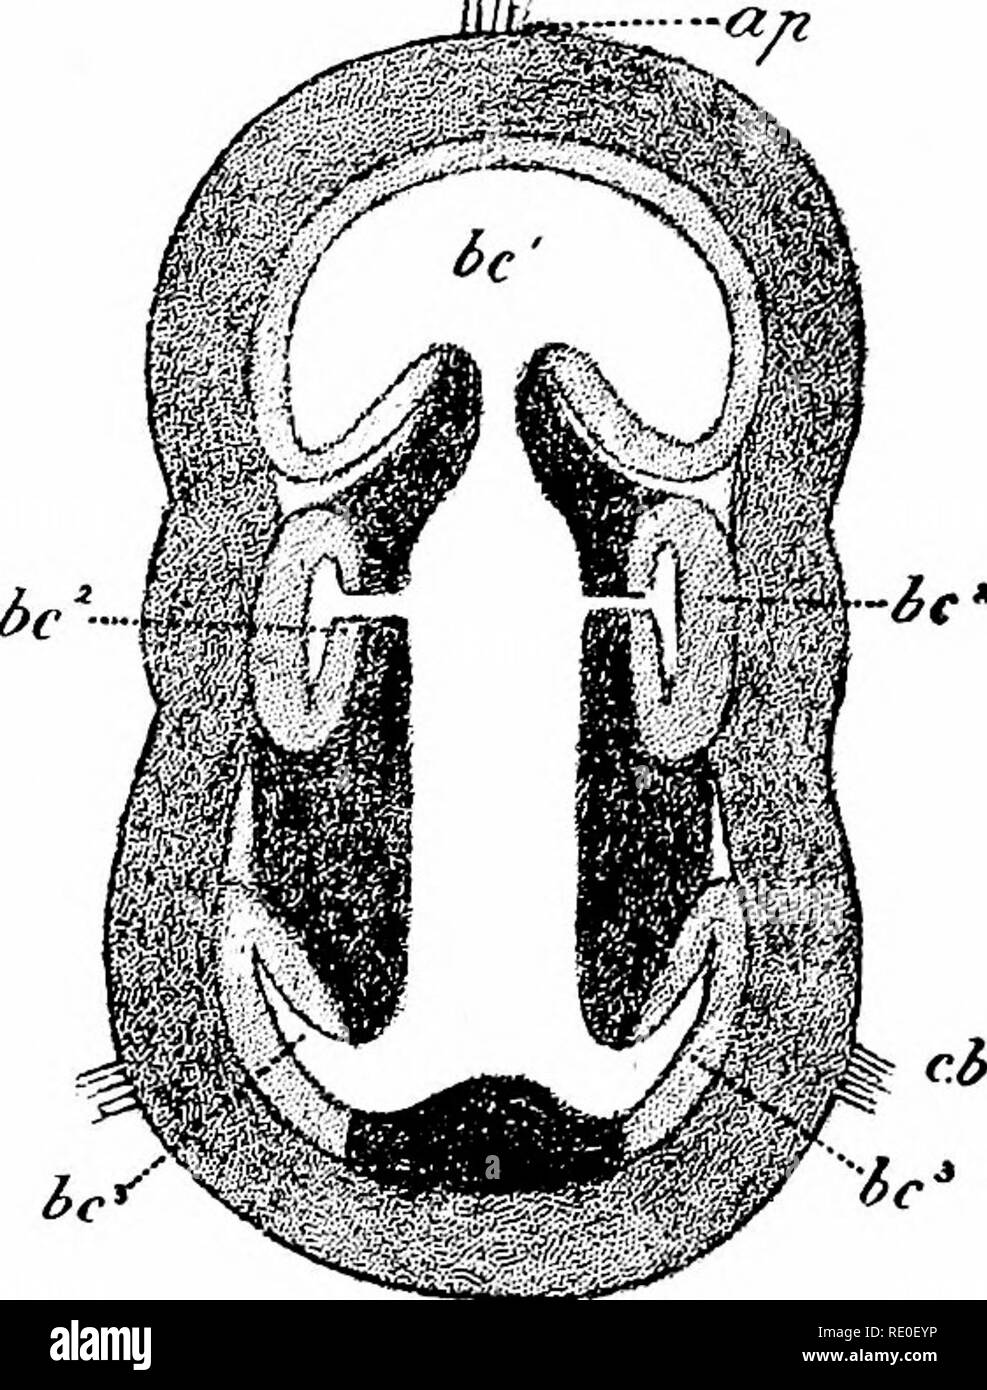 hemichordata balanoglossus